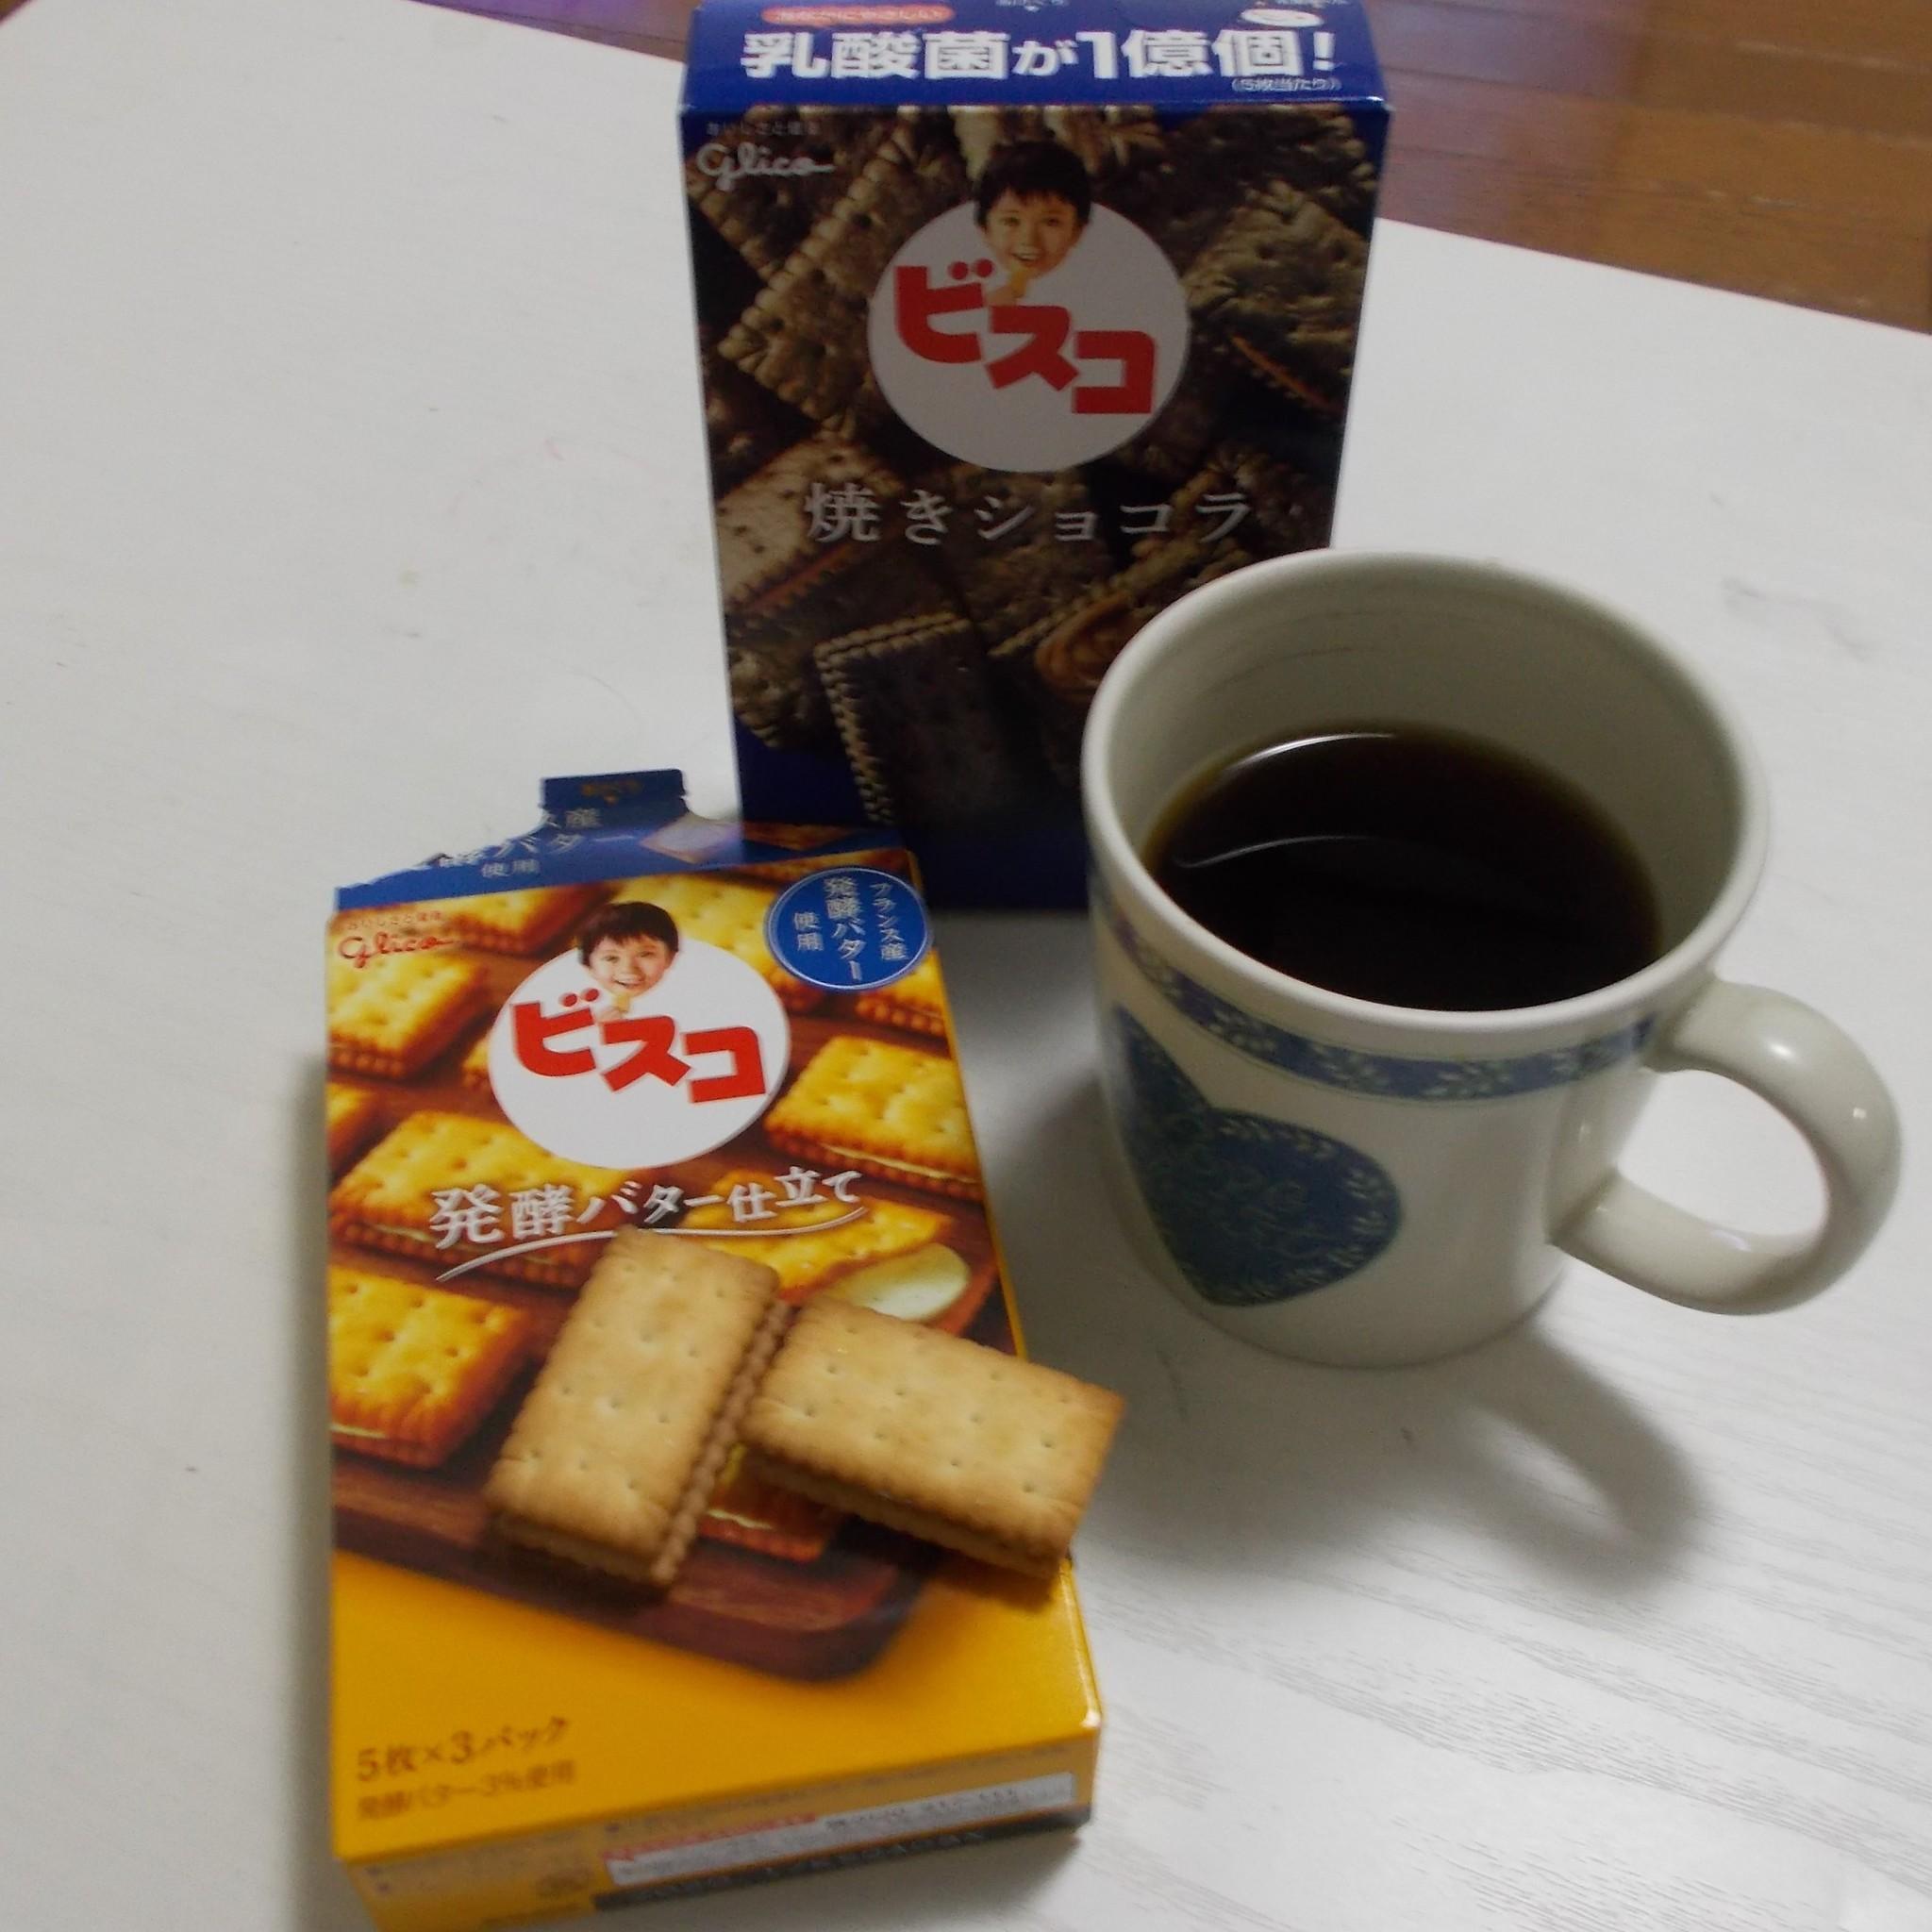 【祇園で流行りの・・。コーヒーにもお酒にも】